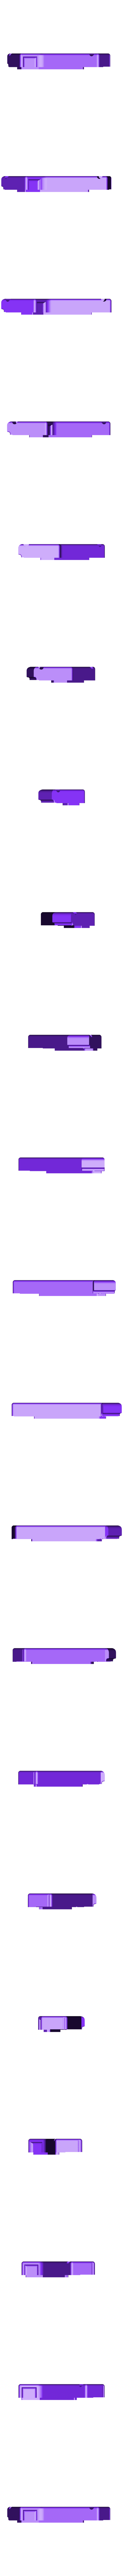 2x075_R.stl Télécharger fichier STL gratuit Couteau à câble plat • Design pour imprimante 3D, kpawel